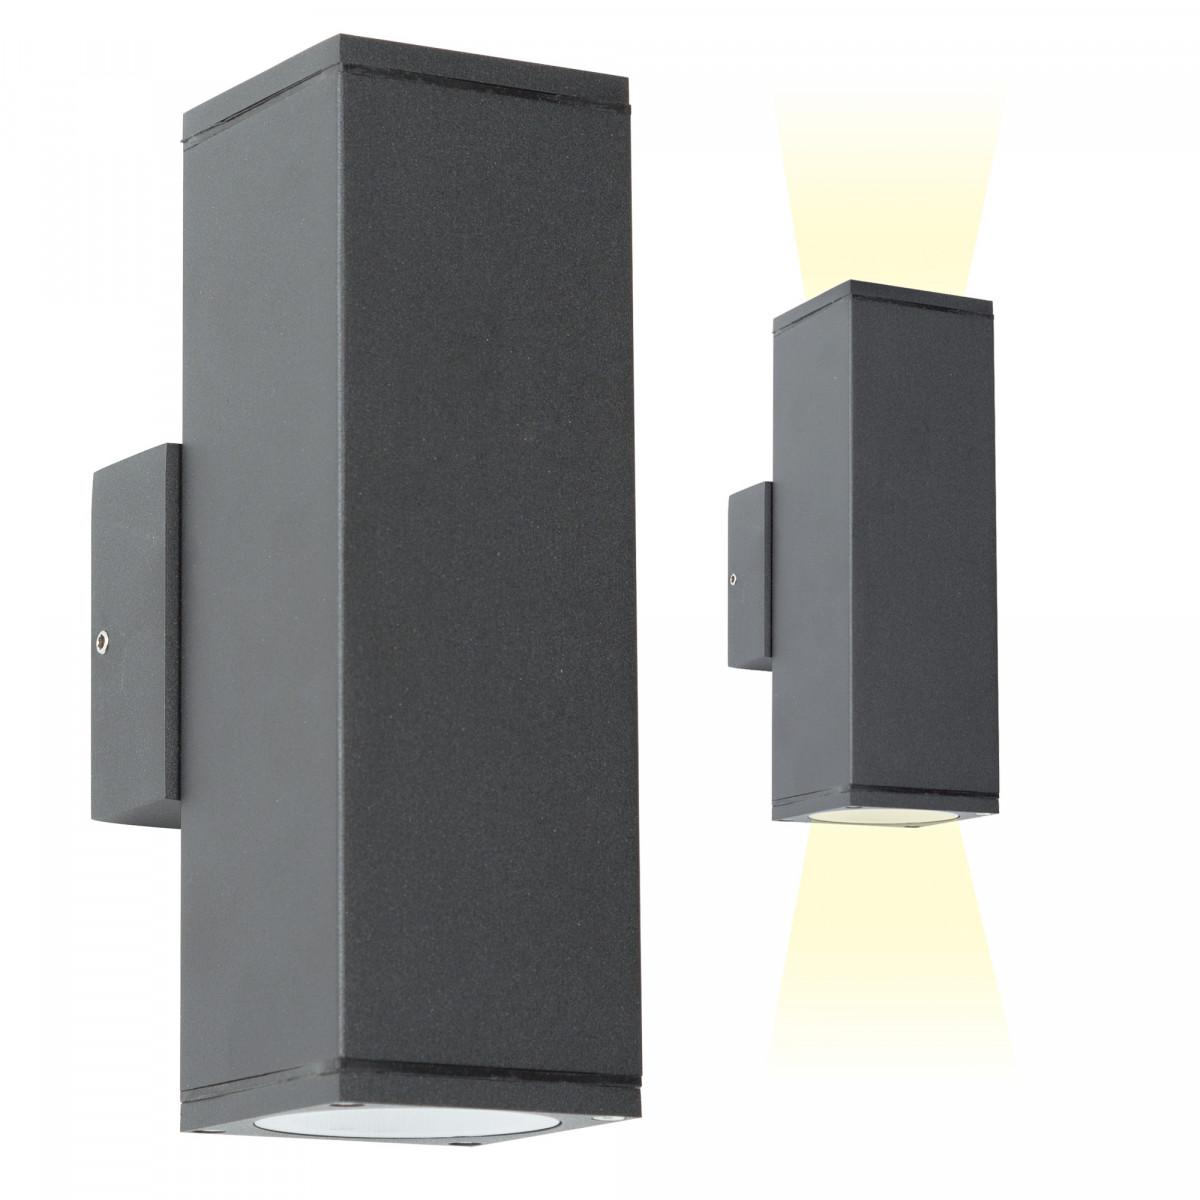 Wandspot Kelvin Up en Down buitenverlichting, moderne wandverlichting van het merk KS Verlichting, hoge kwaliteit, lage prijs, aluminium wandspot met antraciet finish